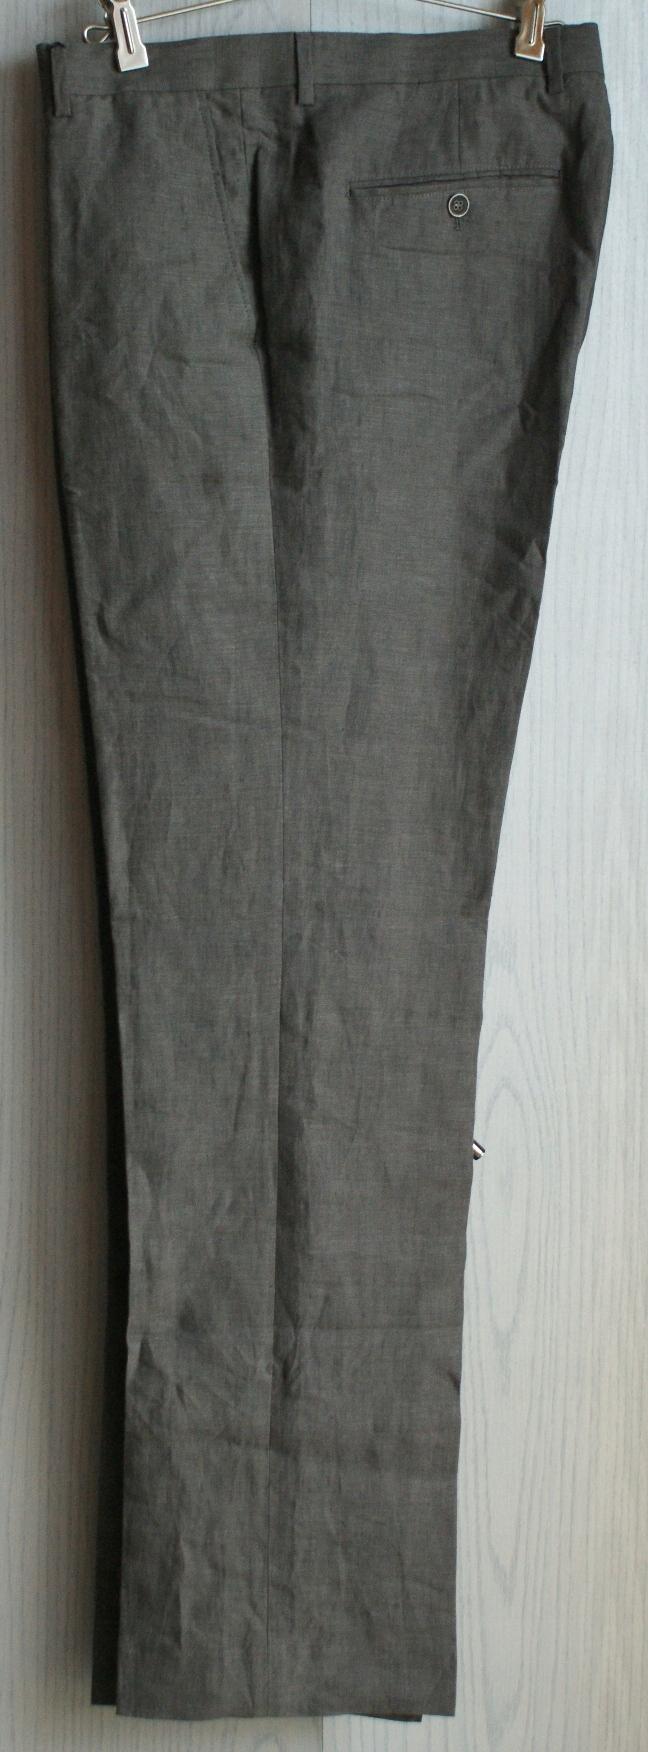 Reserved SUBARU L0474-77X-52 52 L len pas 89 cm